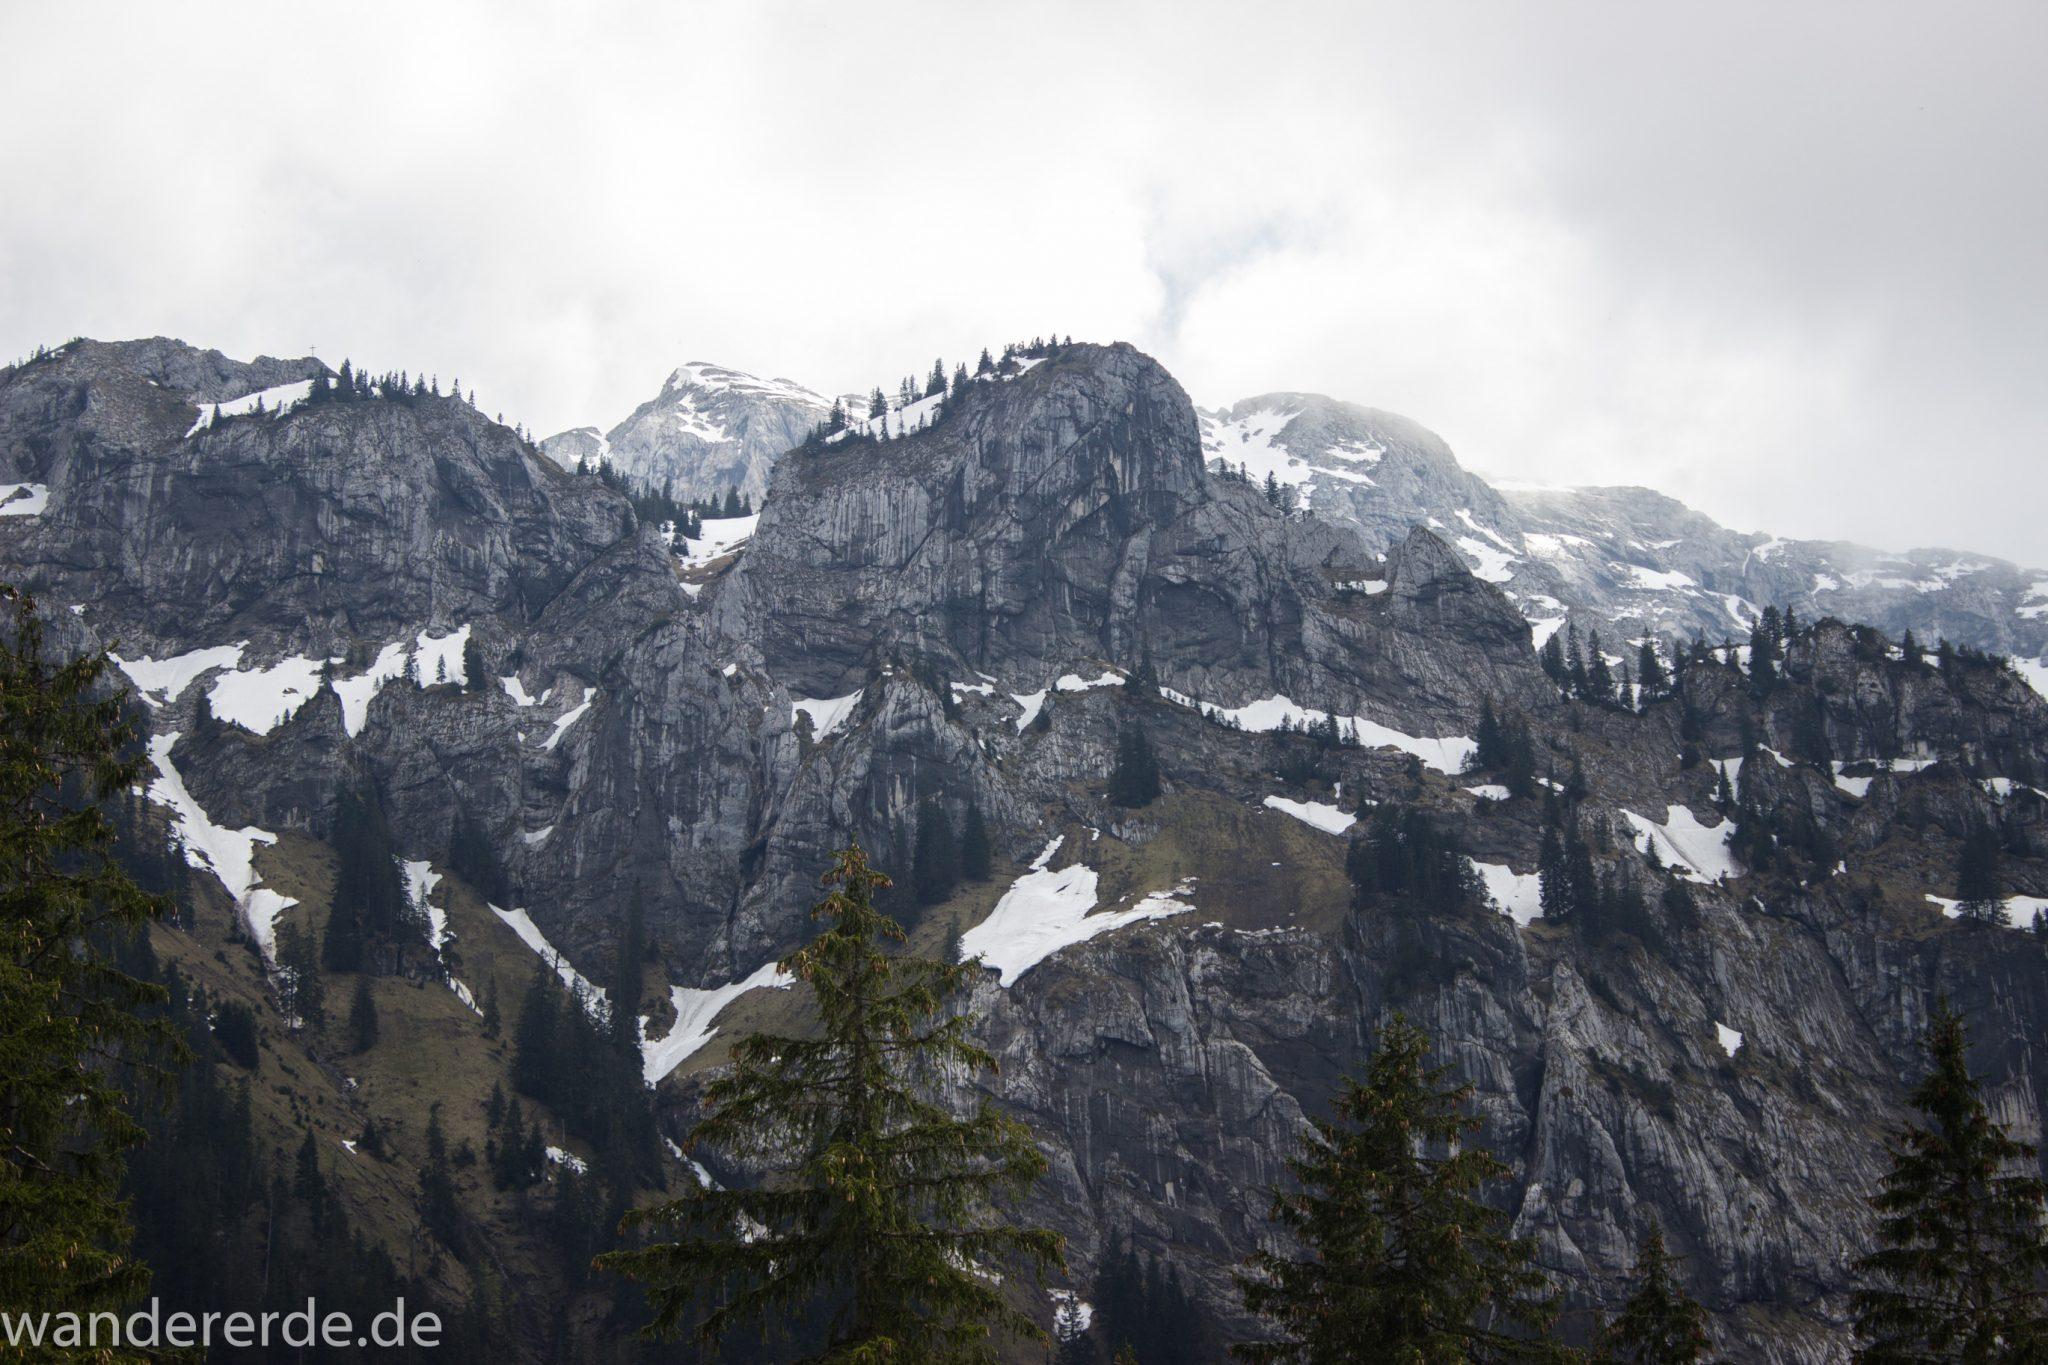 Wanderung zur Kenzenhütte in den Ammergauer Alpen, Aussicht auf die teils schneebedeckten Berge, Frühjahr in den bayerischen Alpen, sehr atmosphärisch durch dichte Wolkenfelder, schöner dichter Wald